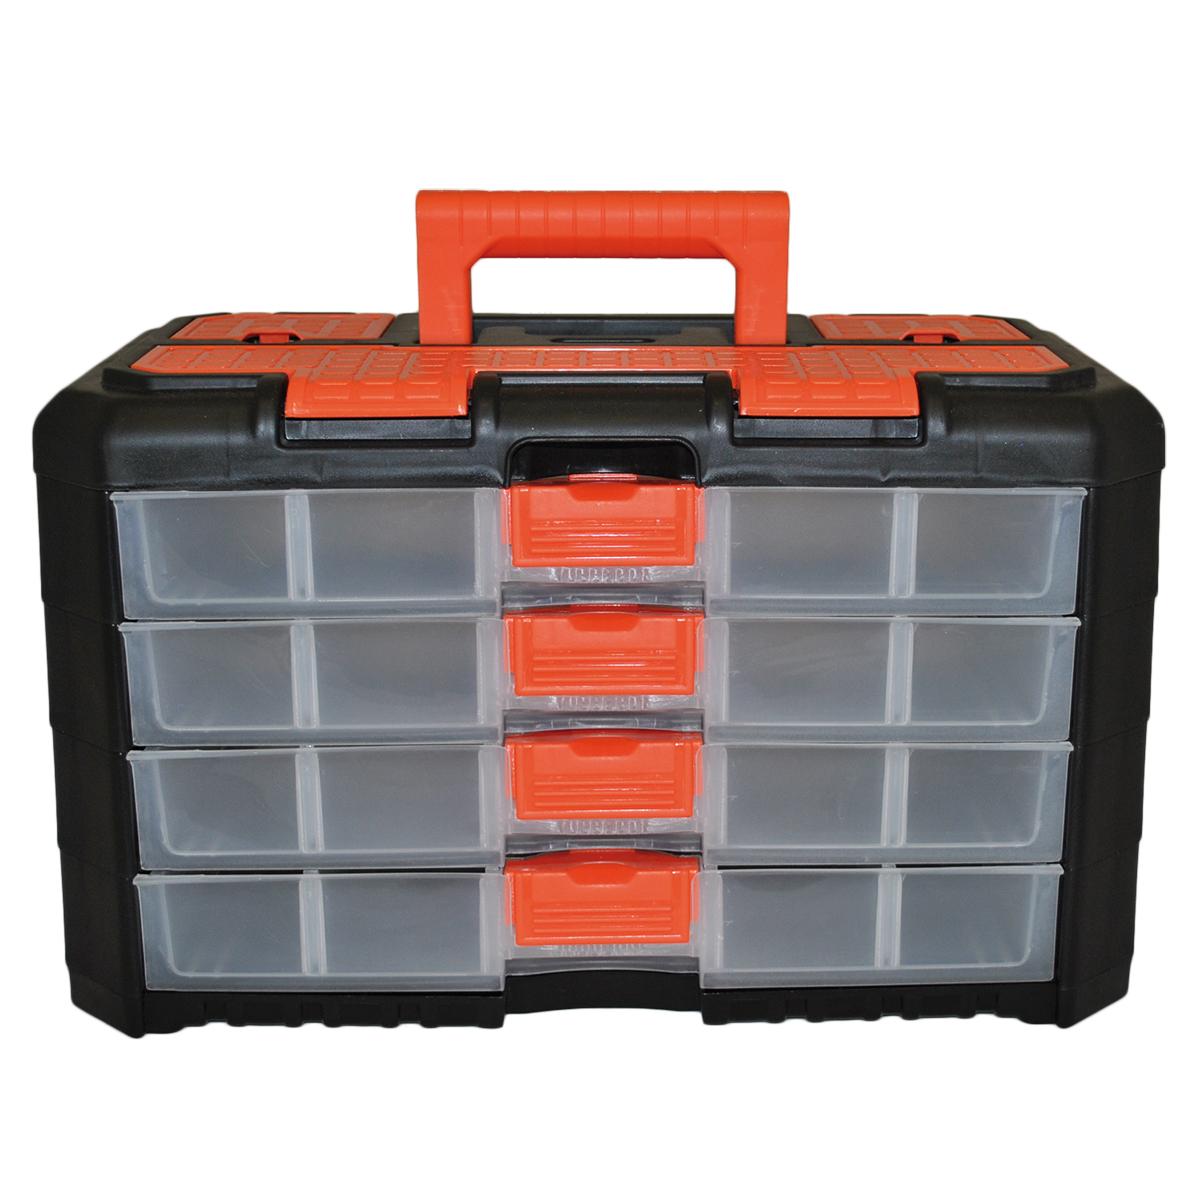 Органайзер для мелочей Blocker Grand, цвет: черный, оранжевый, 400 х 219 х 247 ммBR3737ЧРОРУниверсальный сет для мелочей с ручкой для переноски. Секции фиксируются замками, которые надежно защищают от случайного открывания. Внутри секции разделены съемными перегородками, что позволяет организовать внутреннее пространство в зависимости от потребностей и делает сет пригодным для хранения не только мелочей, но и предметов средней величины. Встроенные секции на крышке подходят для хранения скобяных изделий.